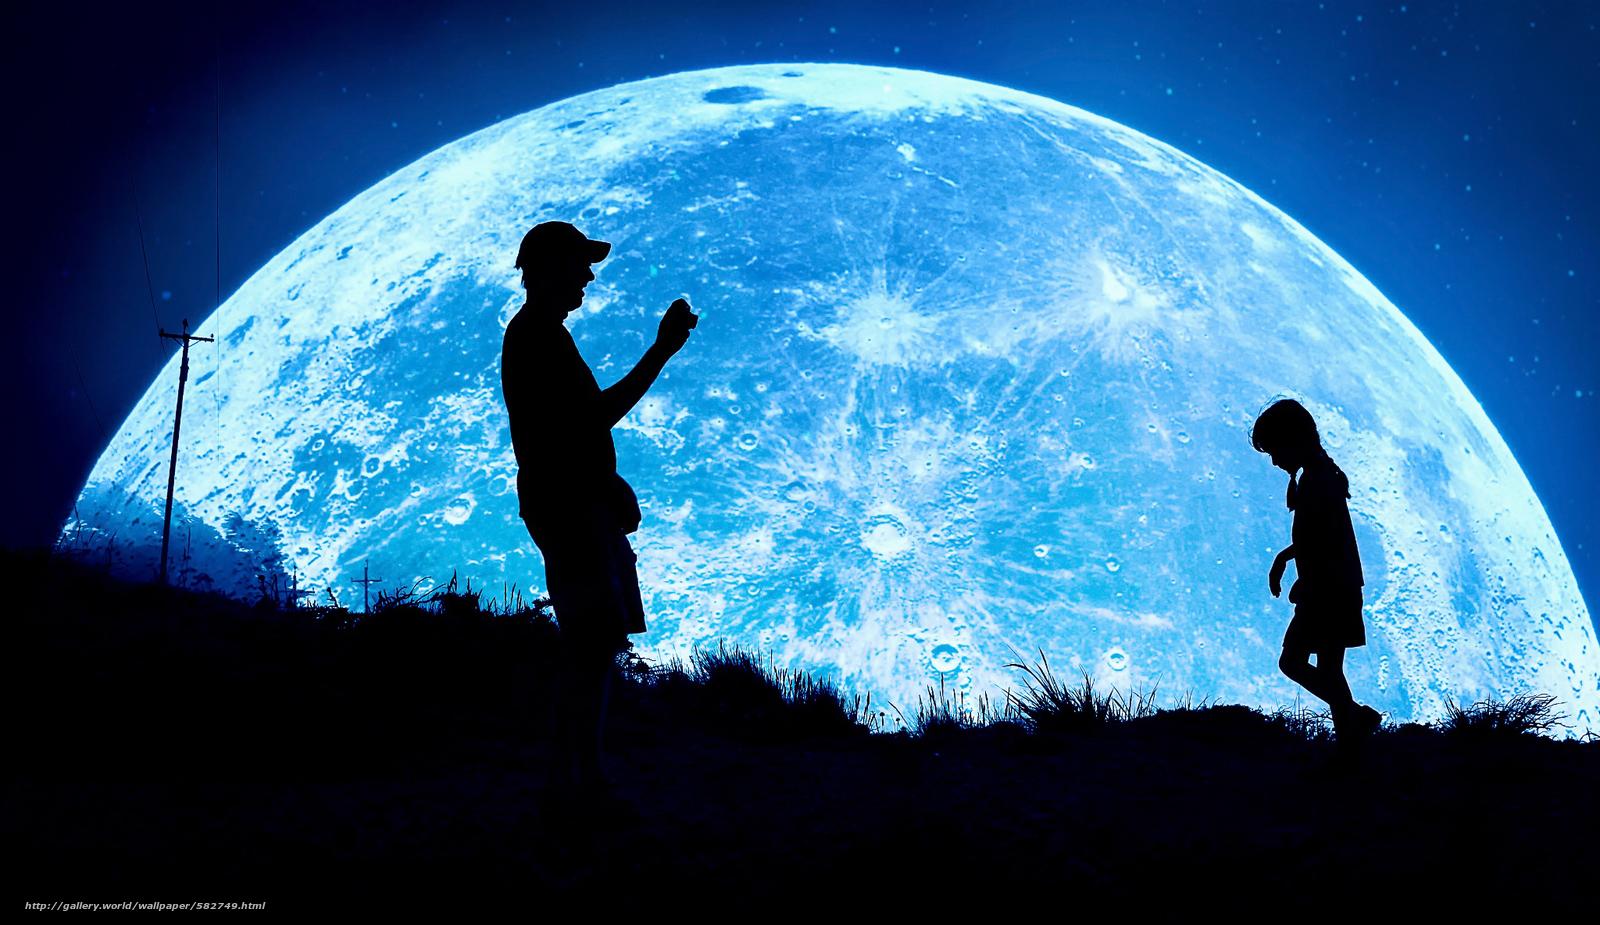 Tlcharger fond d 39 ecran nuit silhouettes lune for Ecran eizo pour photographe